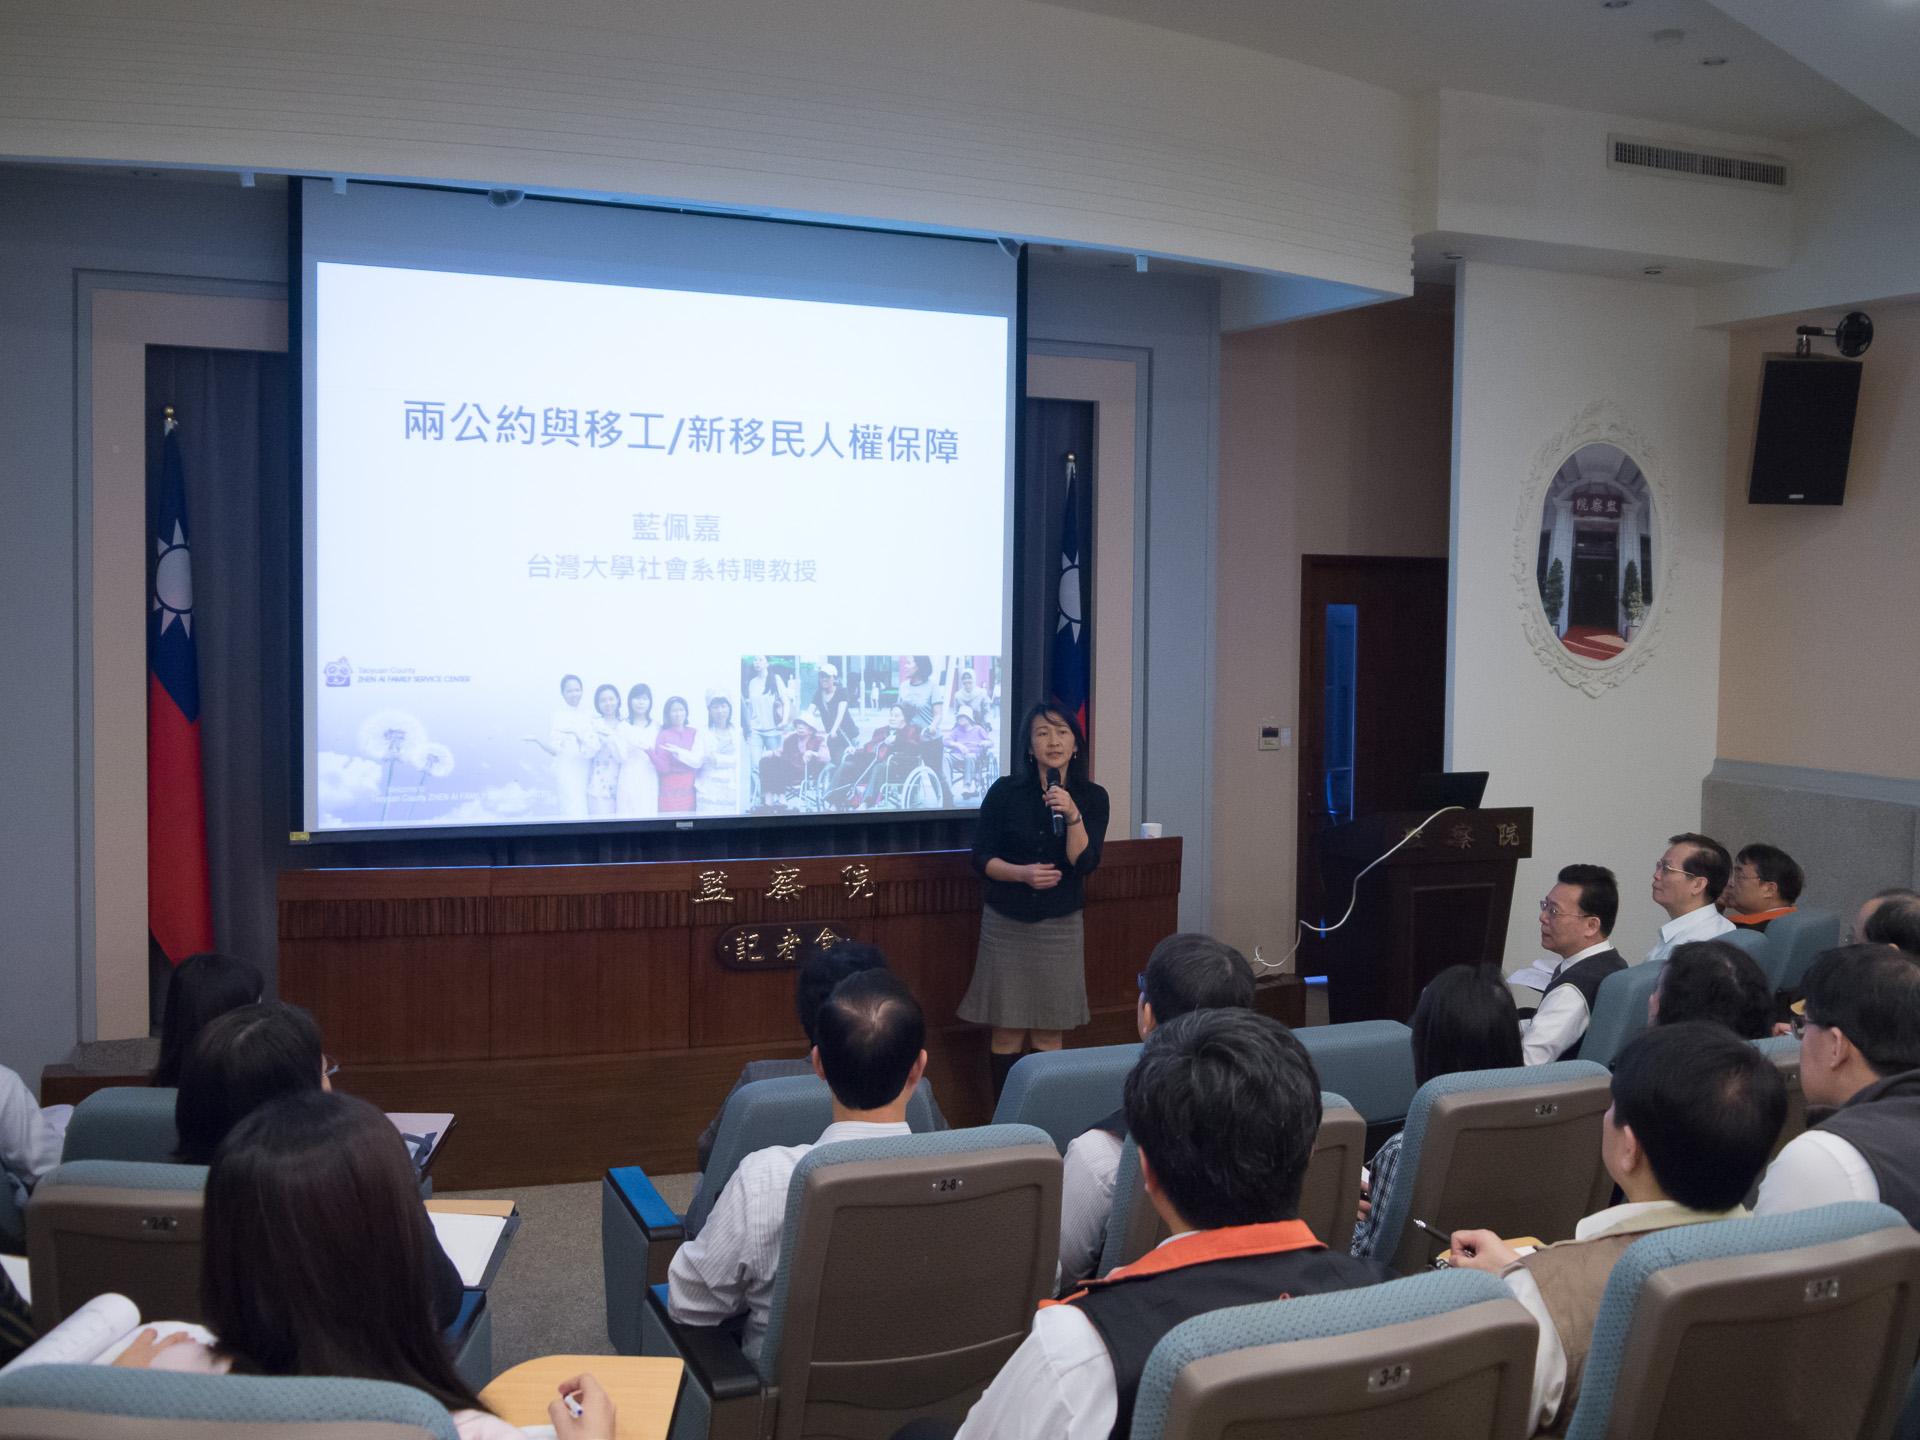 臺灣大學藍佩嘉教授談兩公約與移工/新移民人權保障